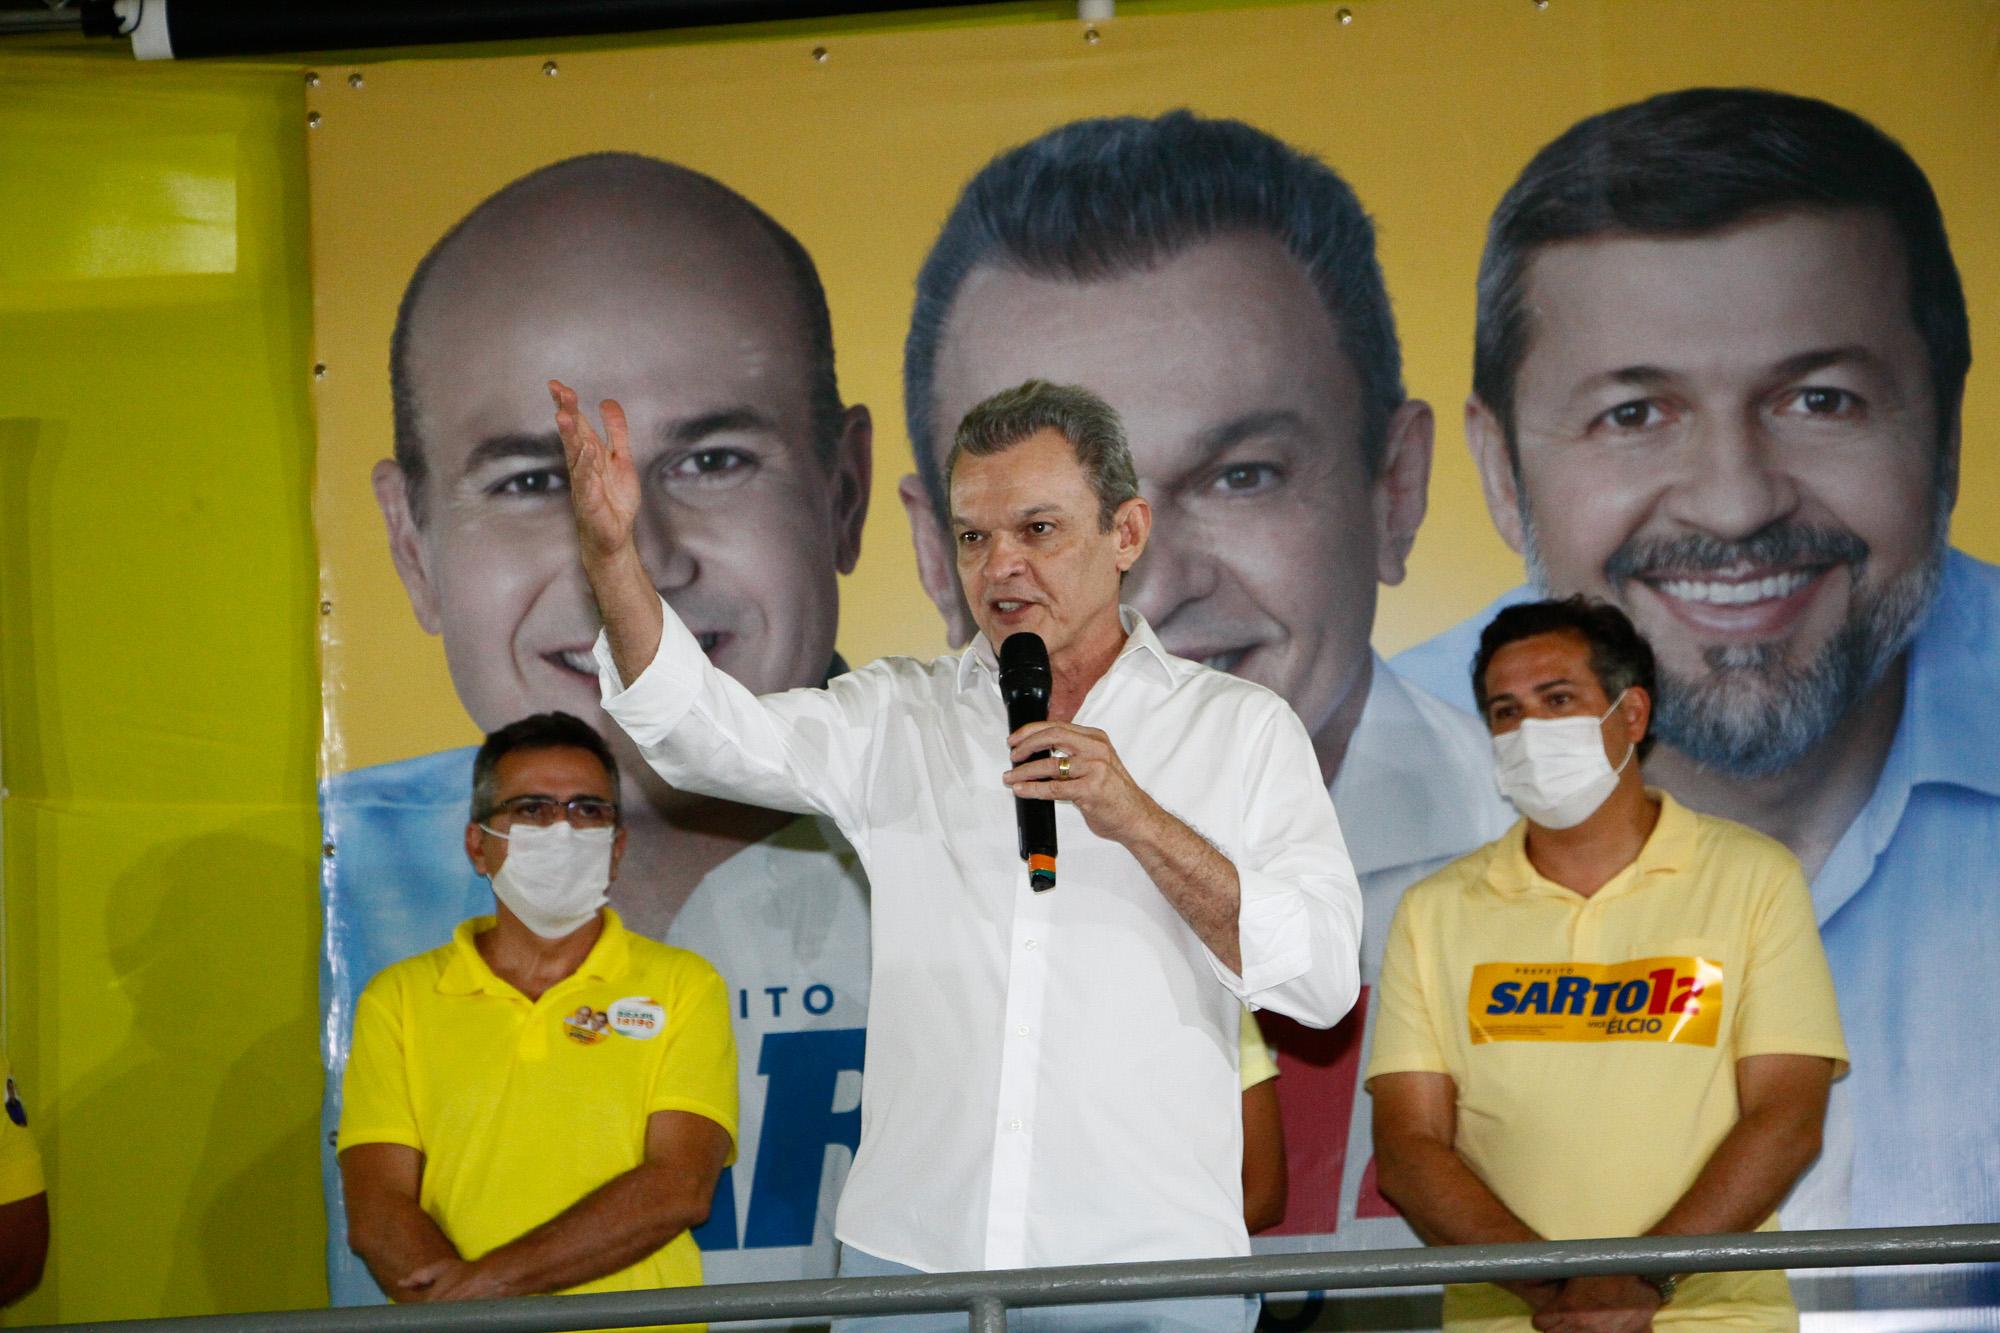 José Sarto assume a liderança da corrida eleitoral em Fortaleza, revela segunda pesquisa Ibope